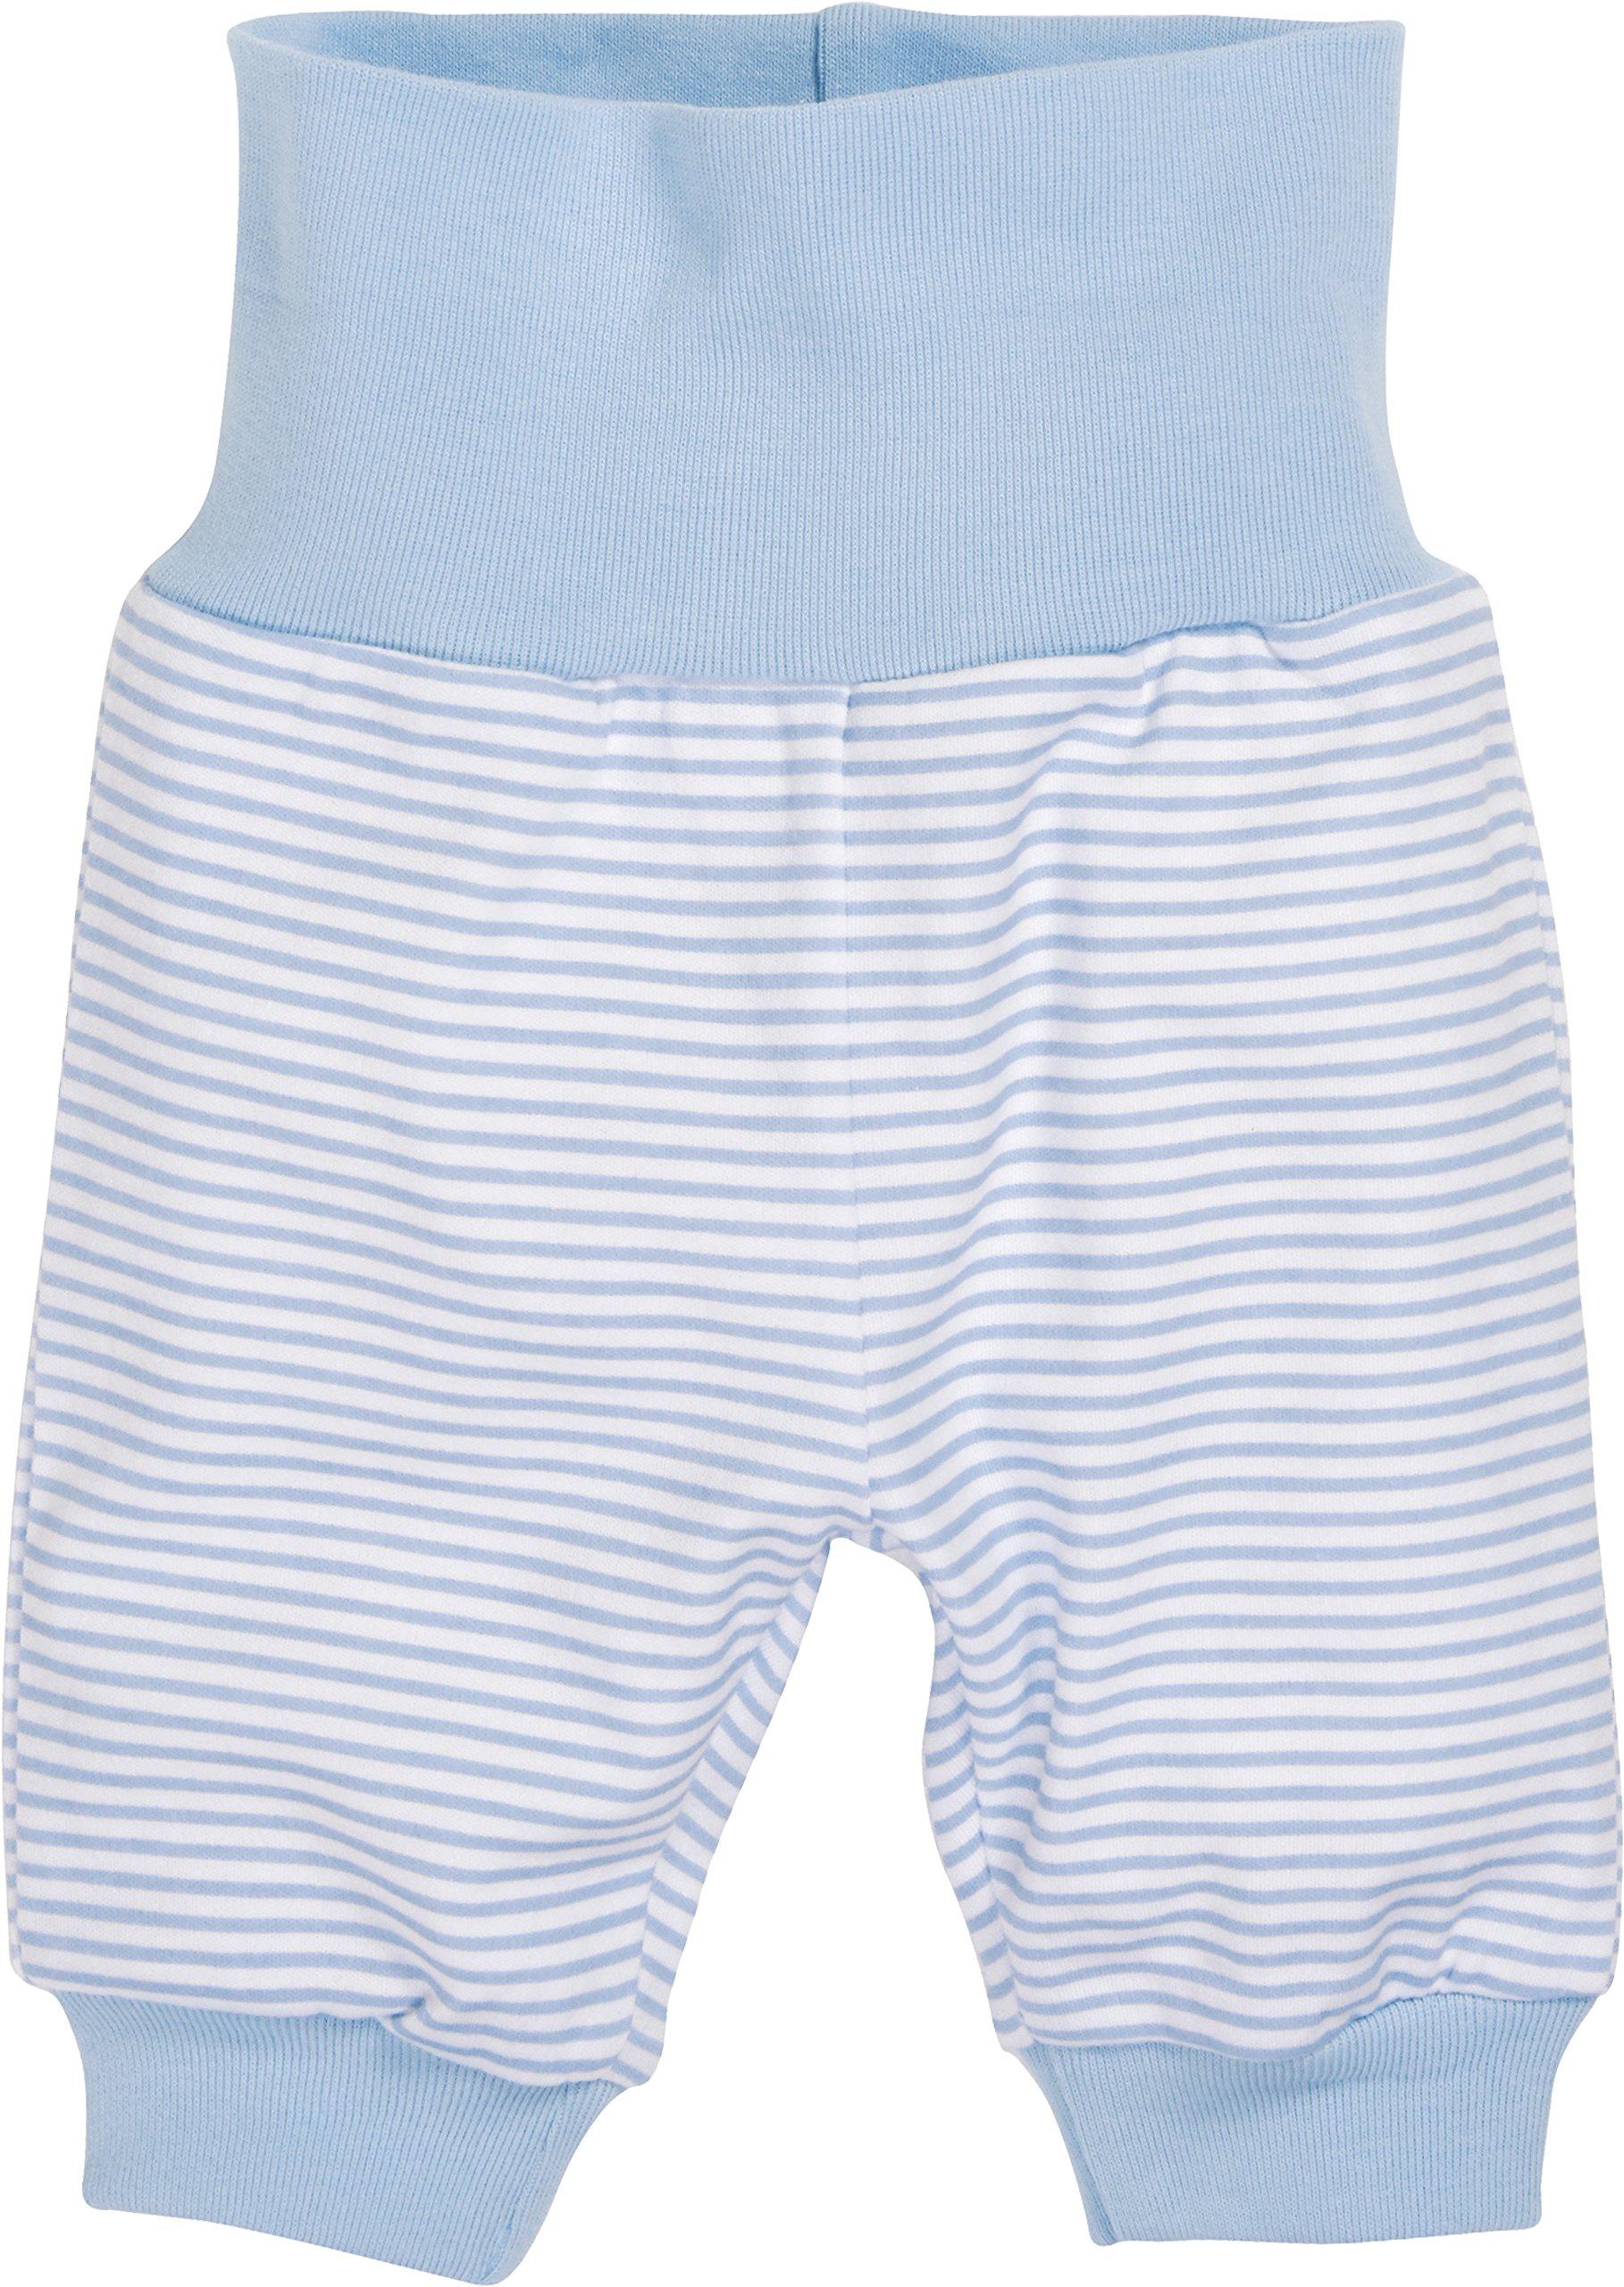 Schnizler Baby-Pumphose Interlock Pantalones Deportivos para Bebés 2